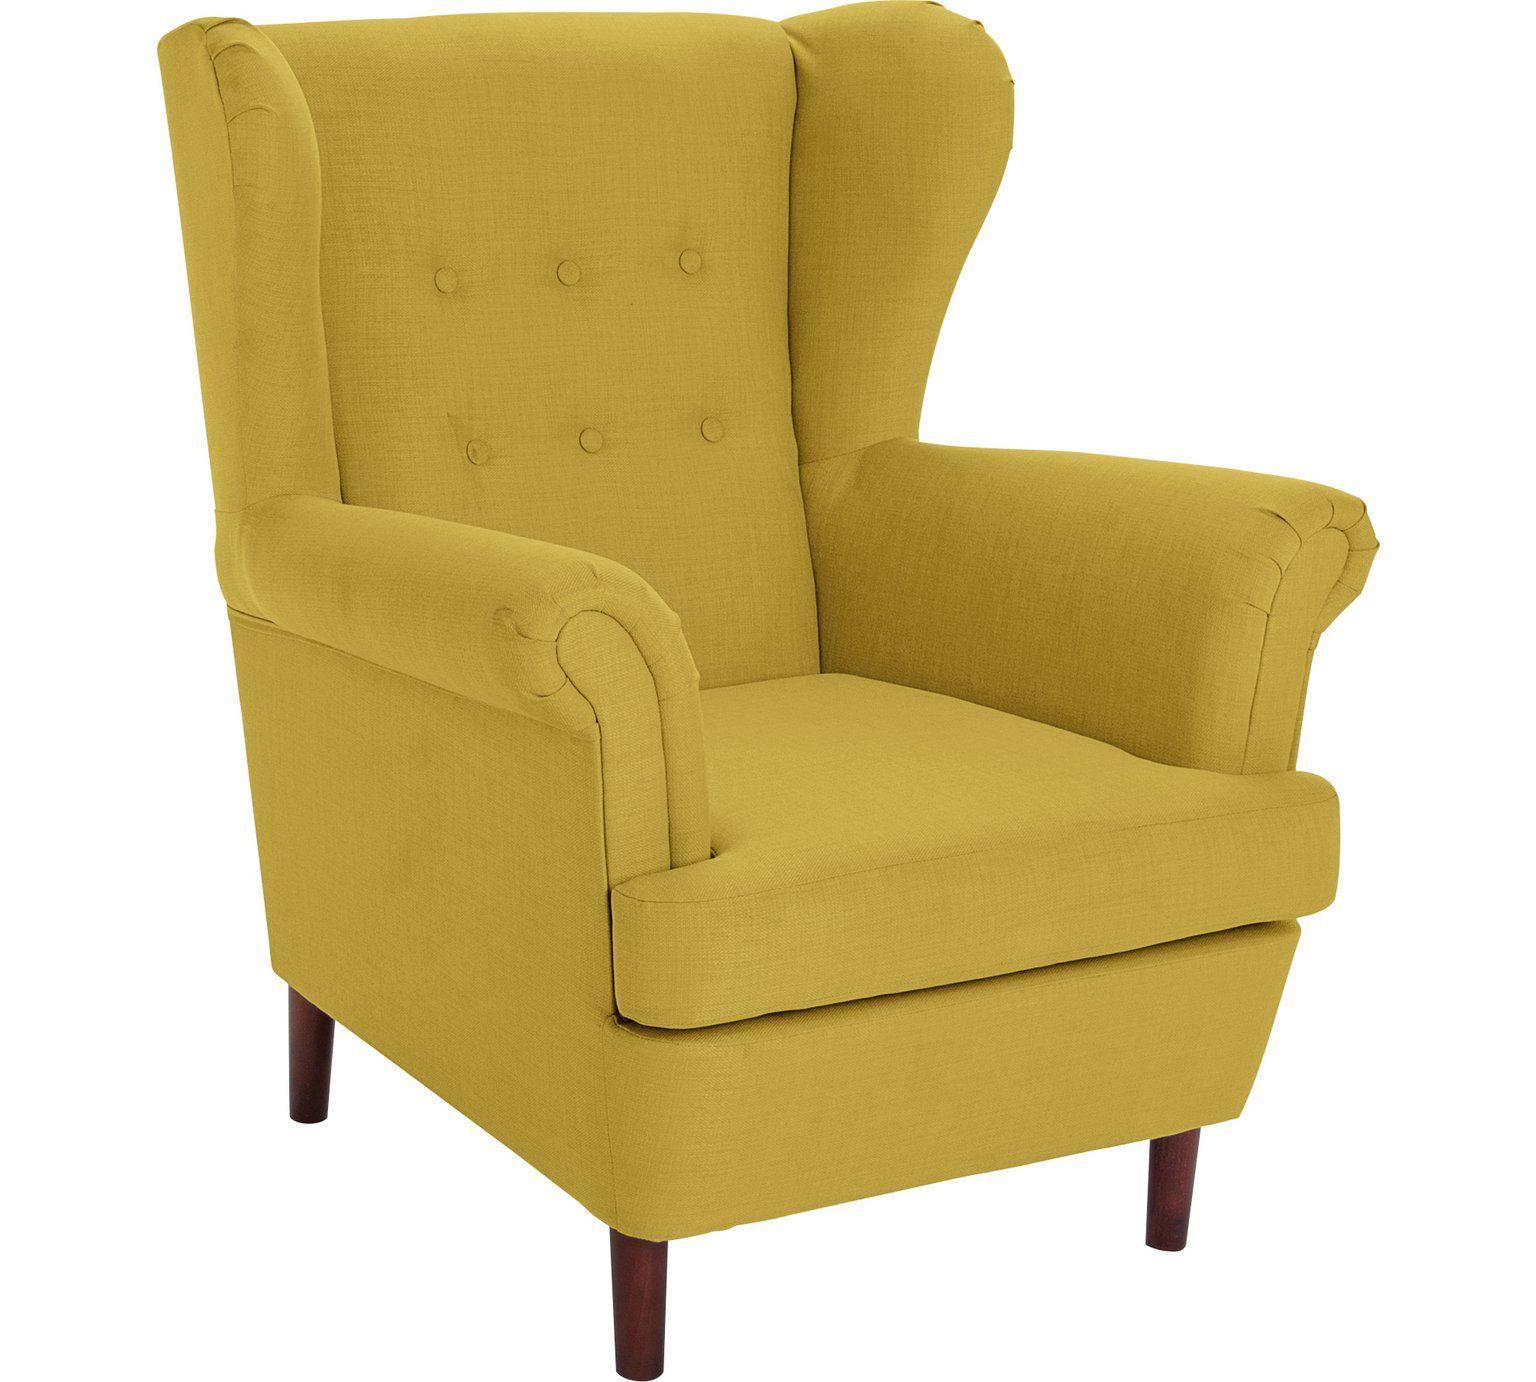 Chairs FurnitureDesign ChairsChairsChairs